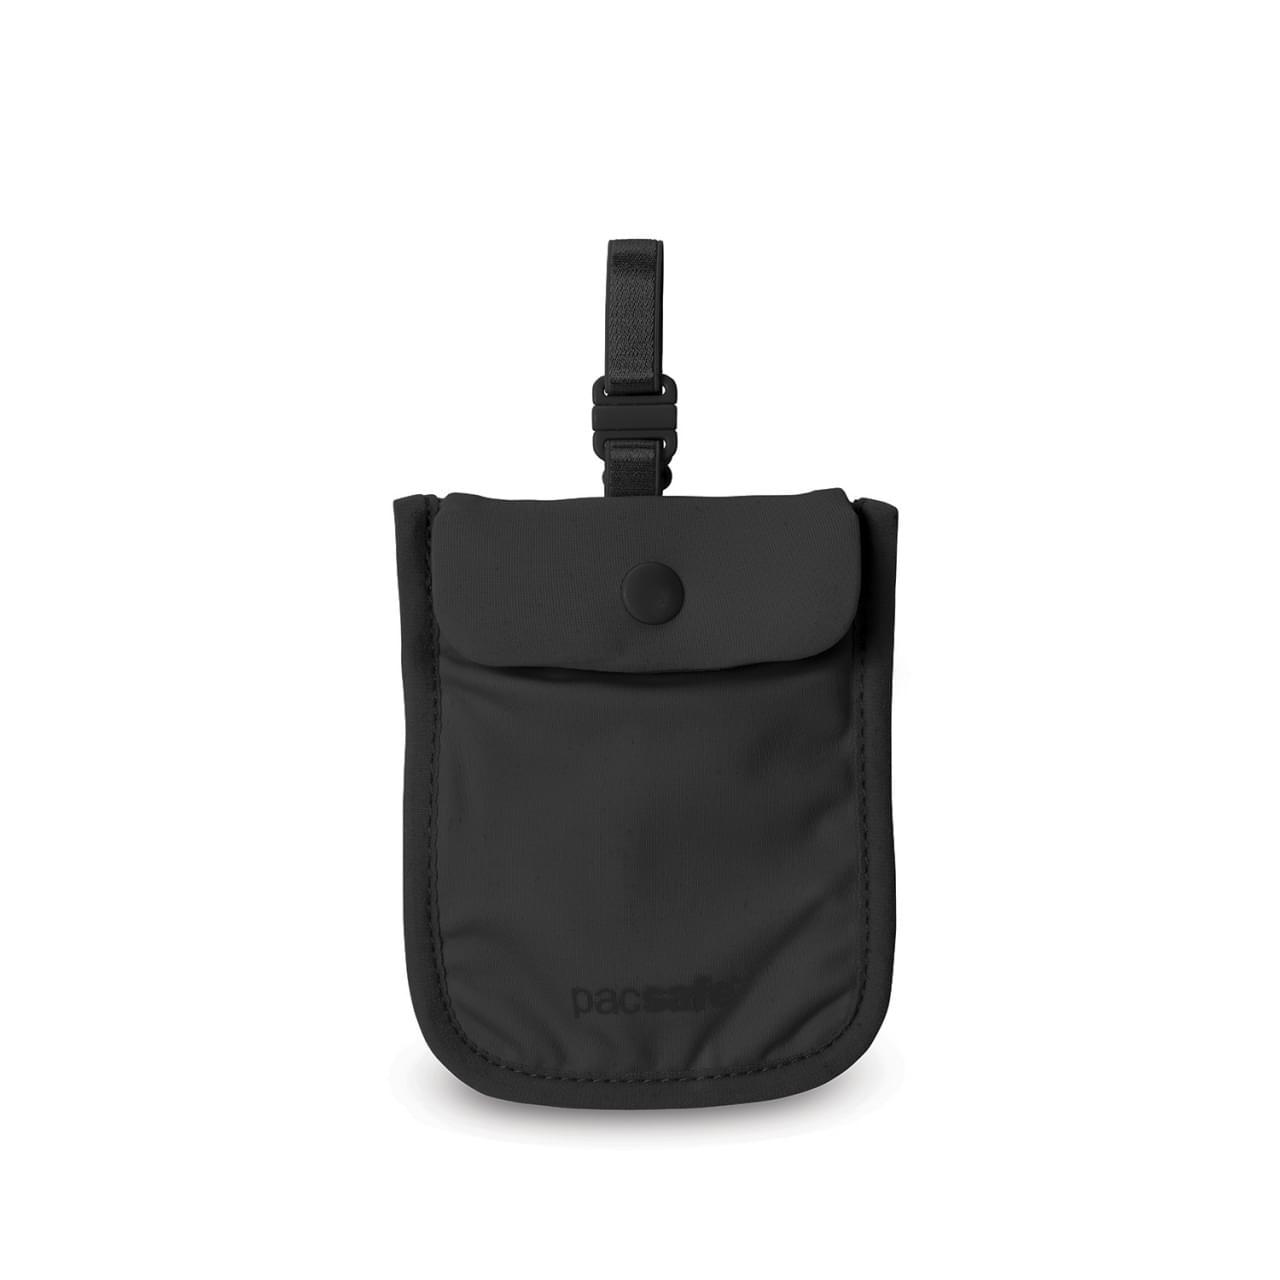 Pacsafe Coversafe S25 Anti-diefstal Tasje